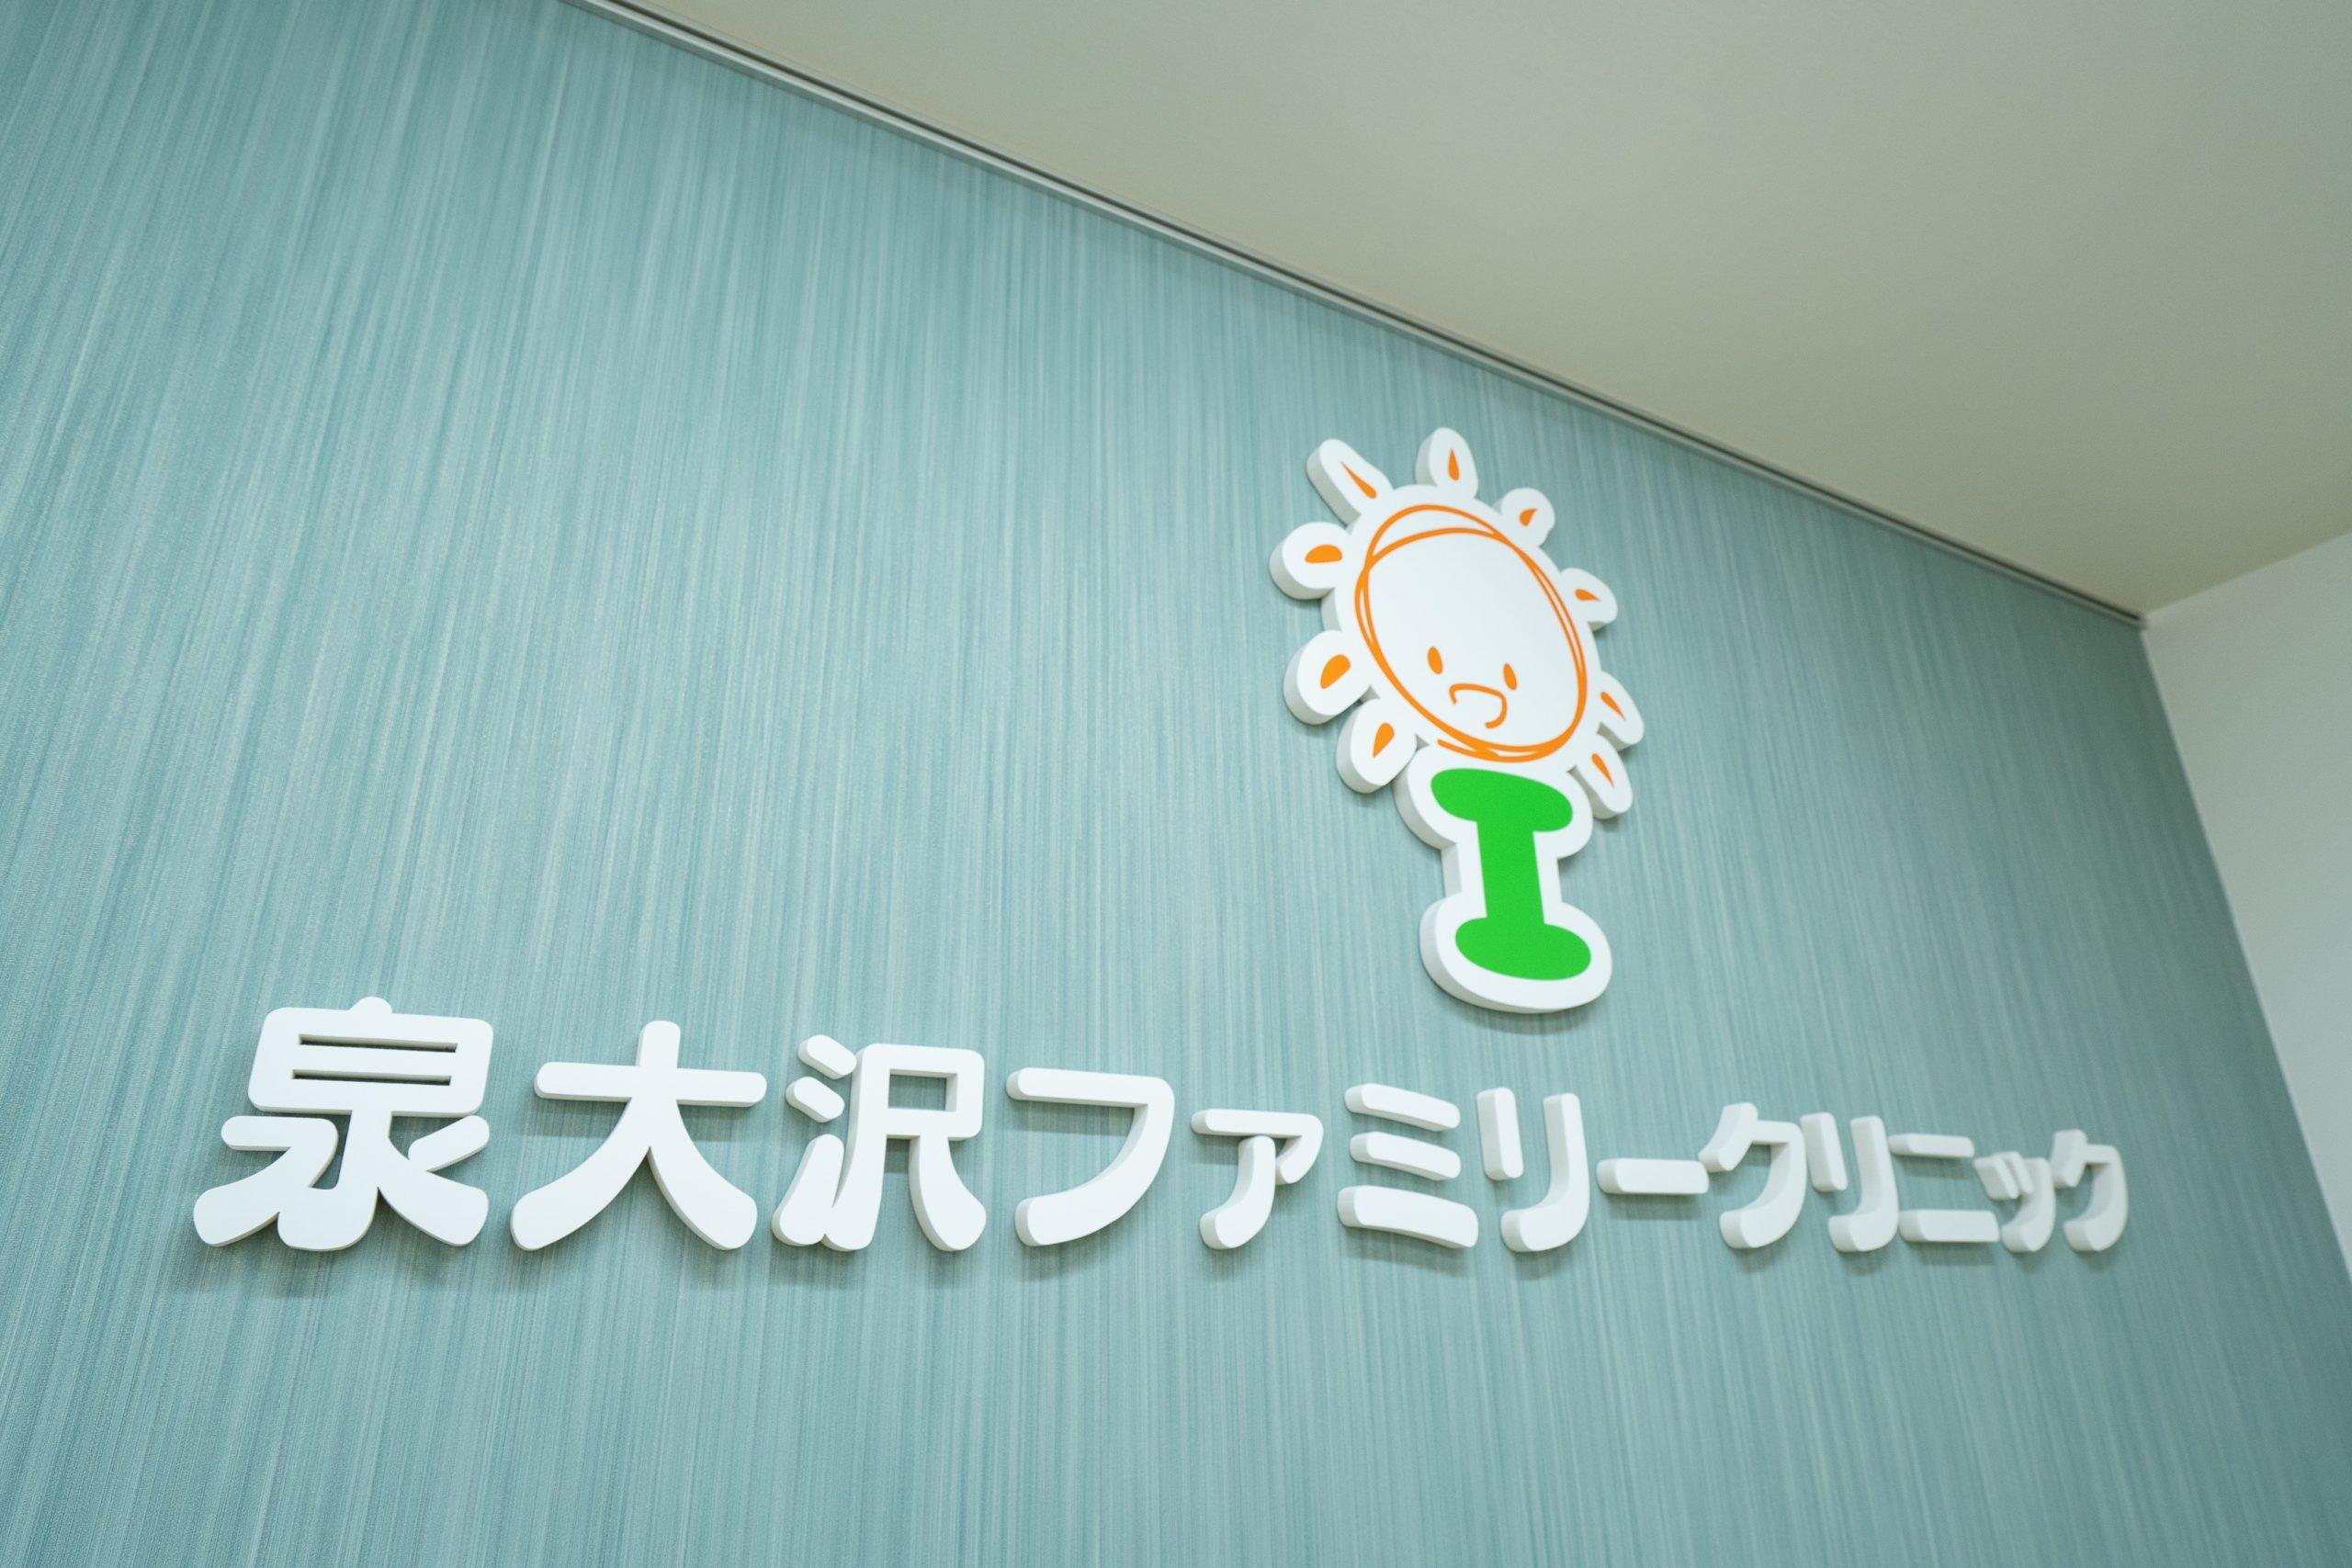 糖尿病の治療は、仙台市泉区の泉大沢ファミリークリニックへ